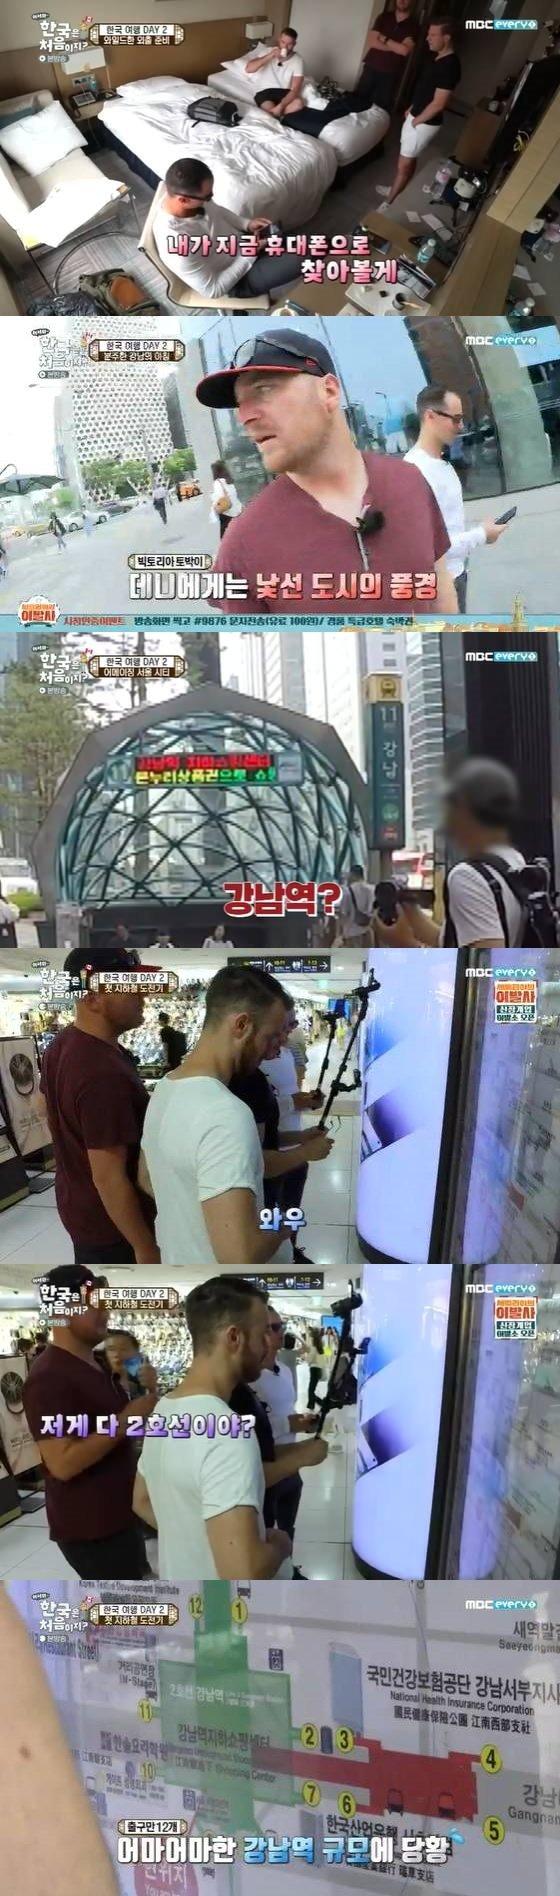 /사진=MBC every1 예능프로그램 \'어서와 한국은 처음이지\' 방송 캡쳐